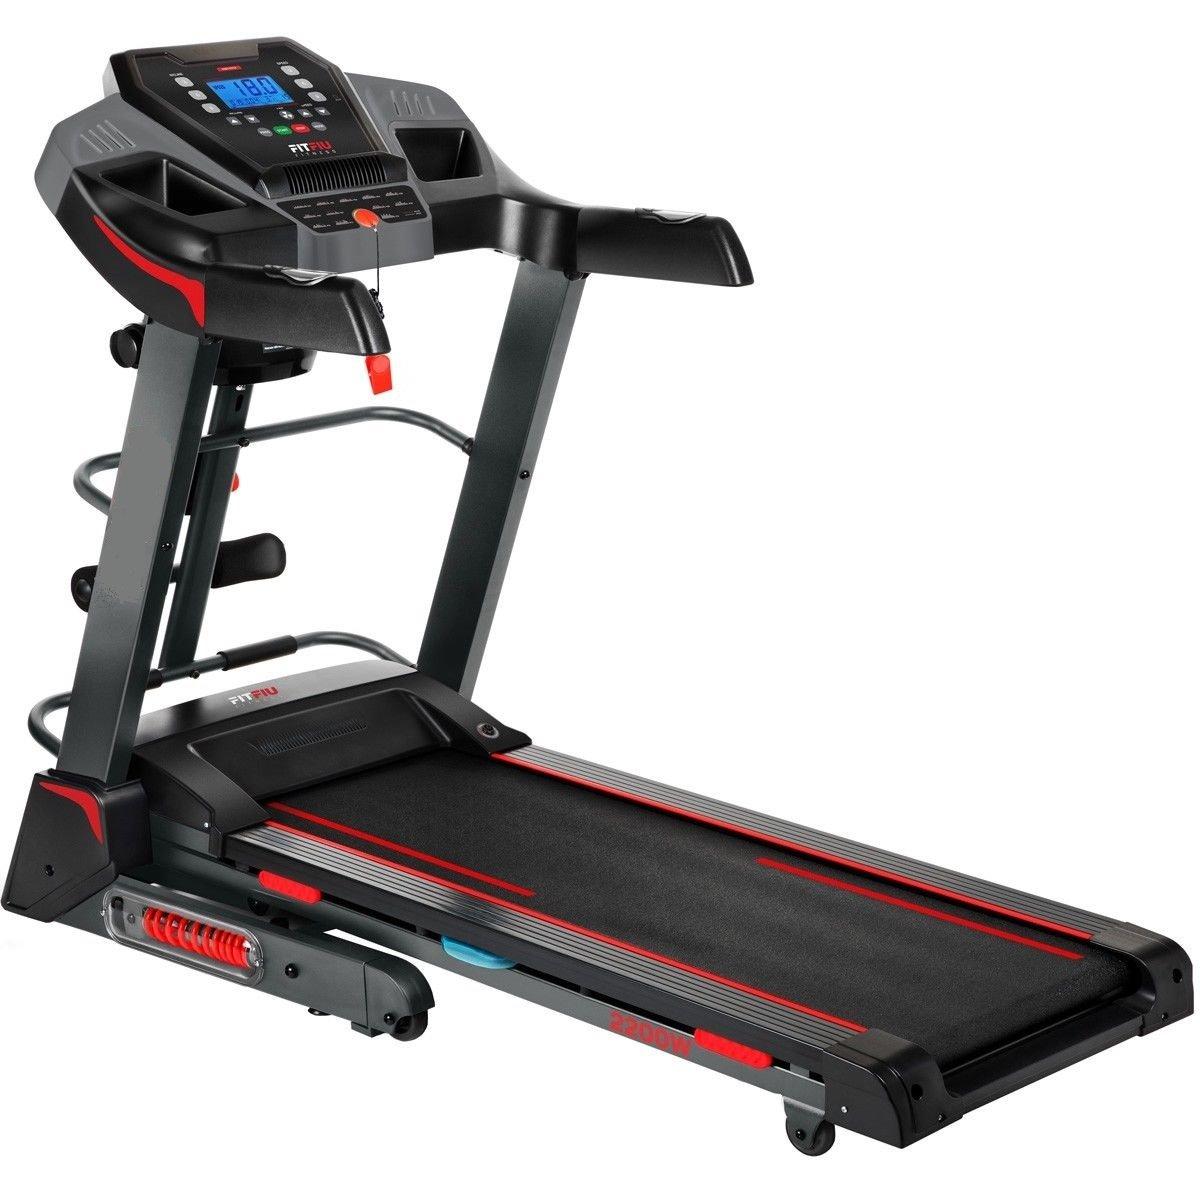 cinta de correr semiprofesional hasta 18km/hr con mancuernas, cinturon masajeador, disco giratorio,inclinacion automatica, altavoces, entrada mp3, ...